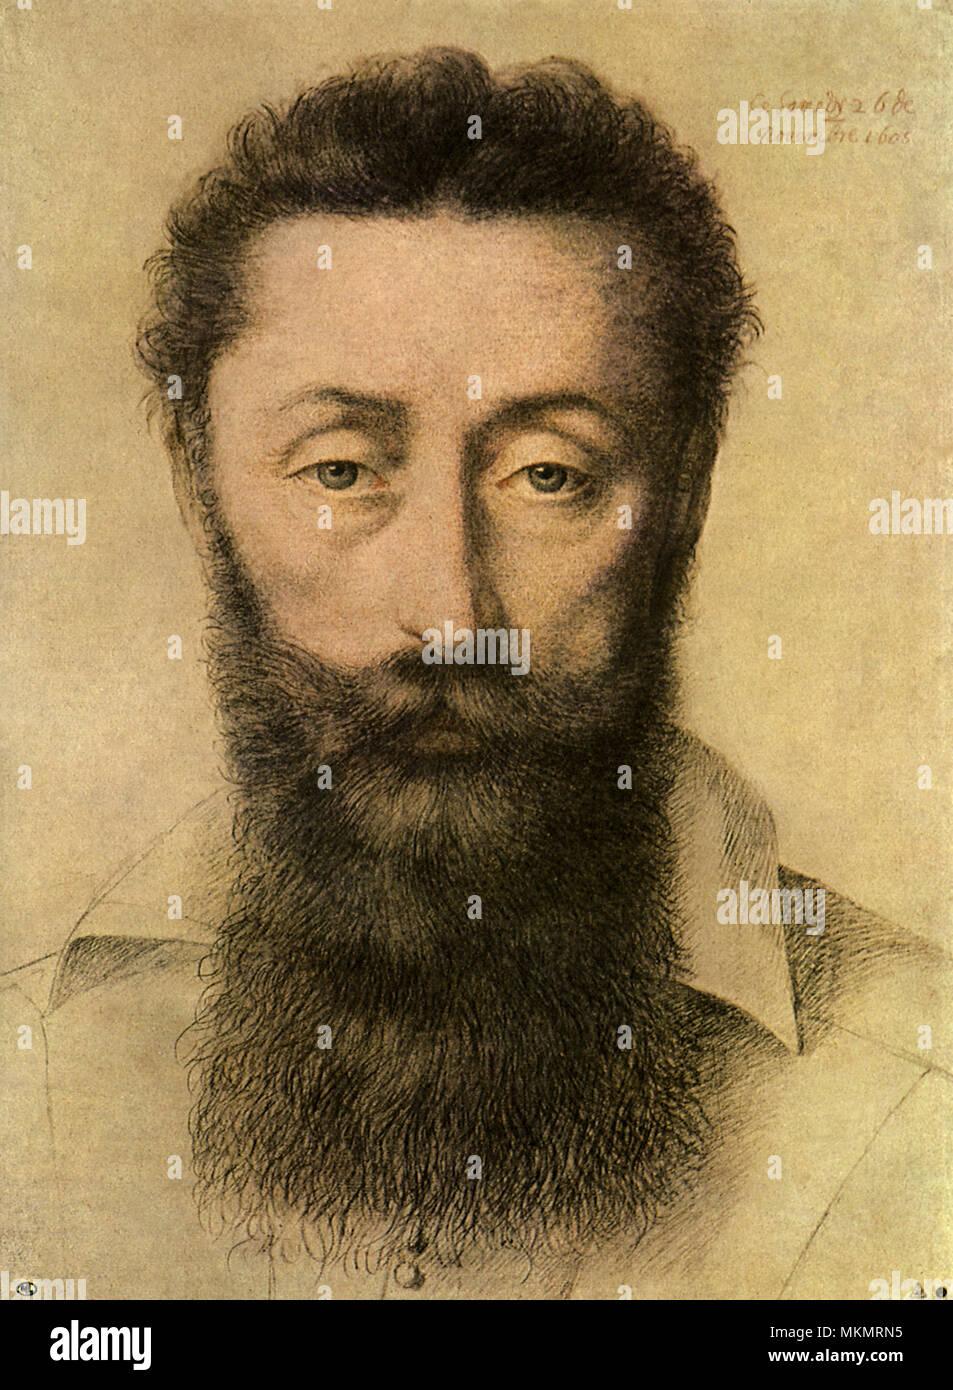 Chancellor Portrait 1605 - Stock Image